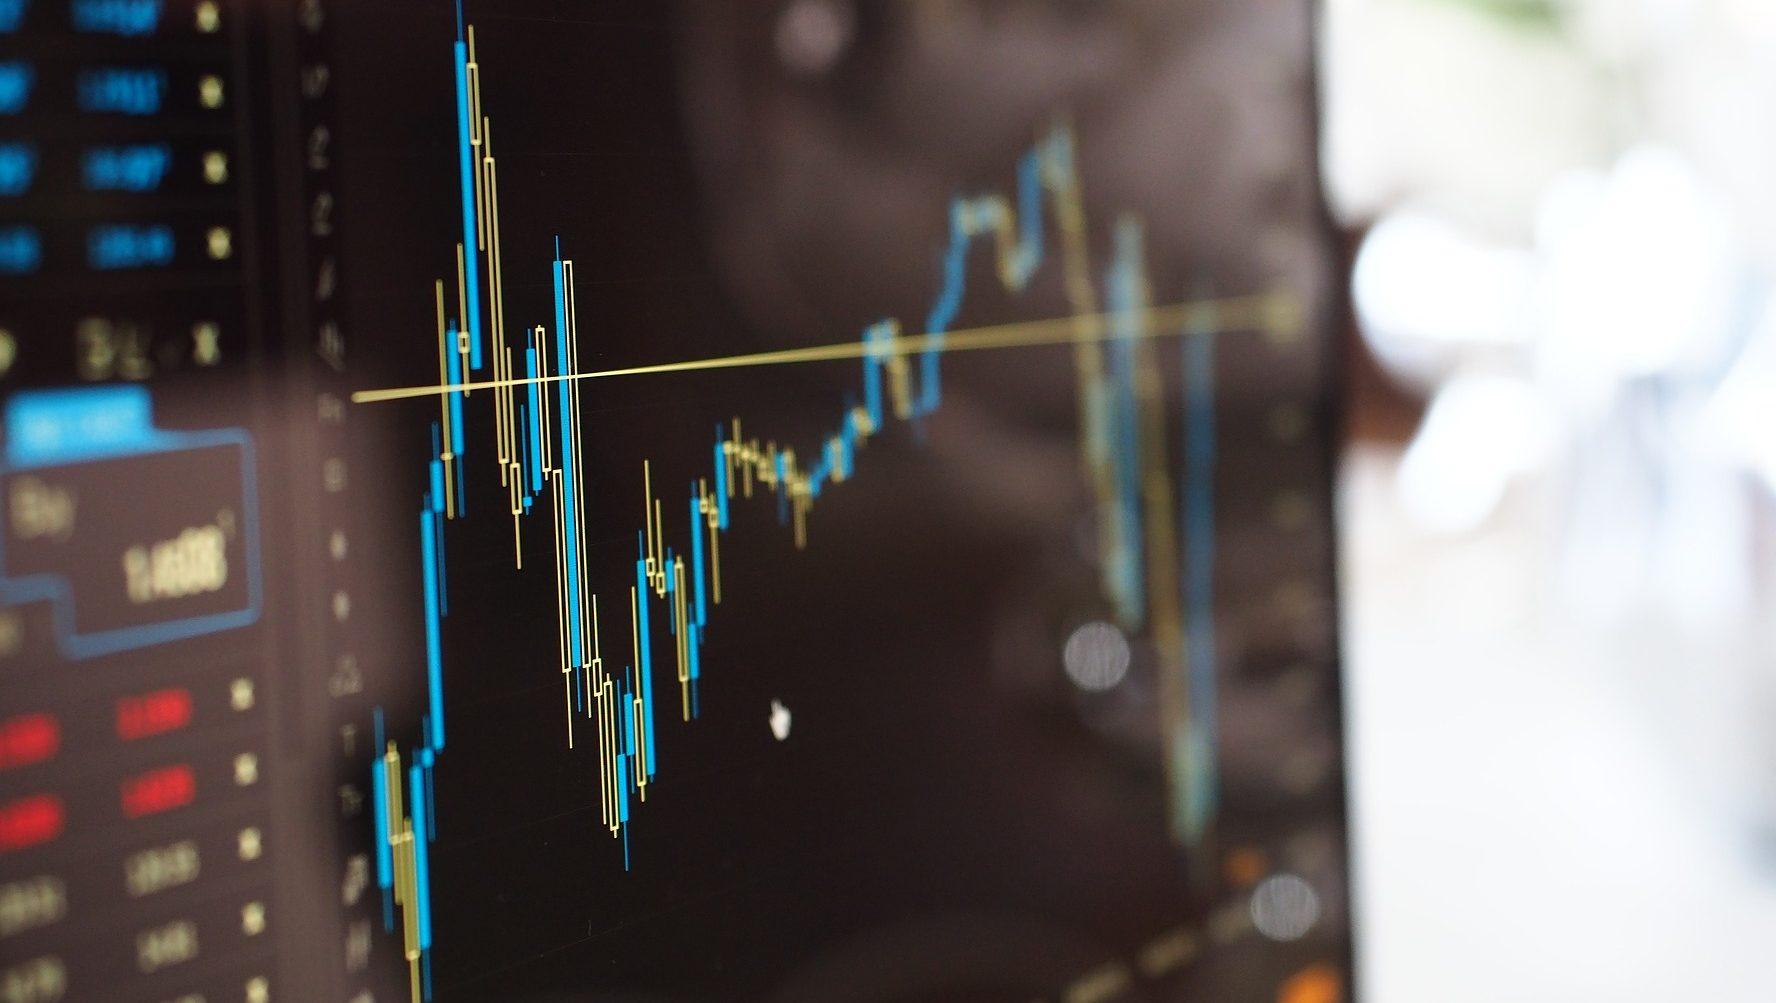 גידול בשיעור של 3.8% בשוק החיסכון הפנסיוני בחמשת החודשים הראשונים של 2018 / מאת איציק אסטרייכר